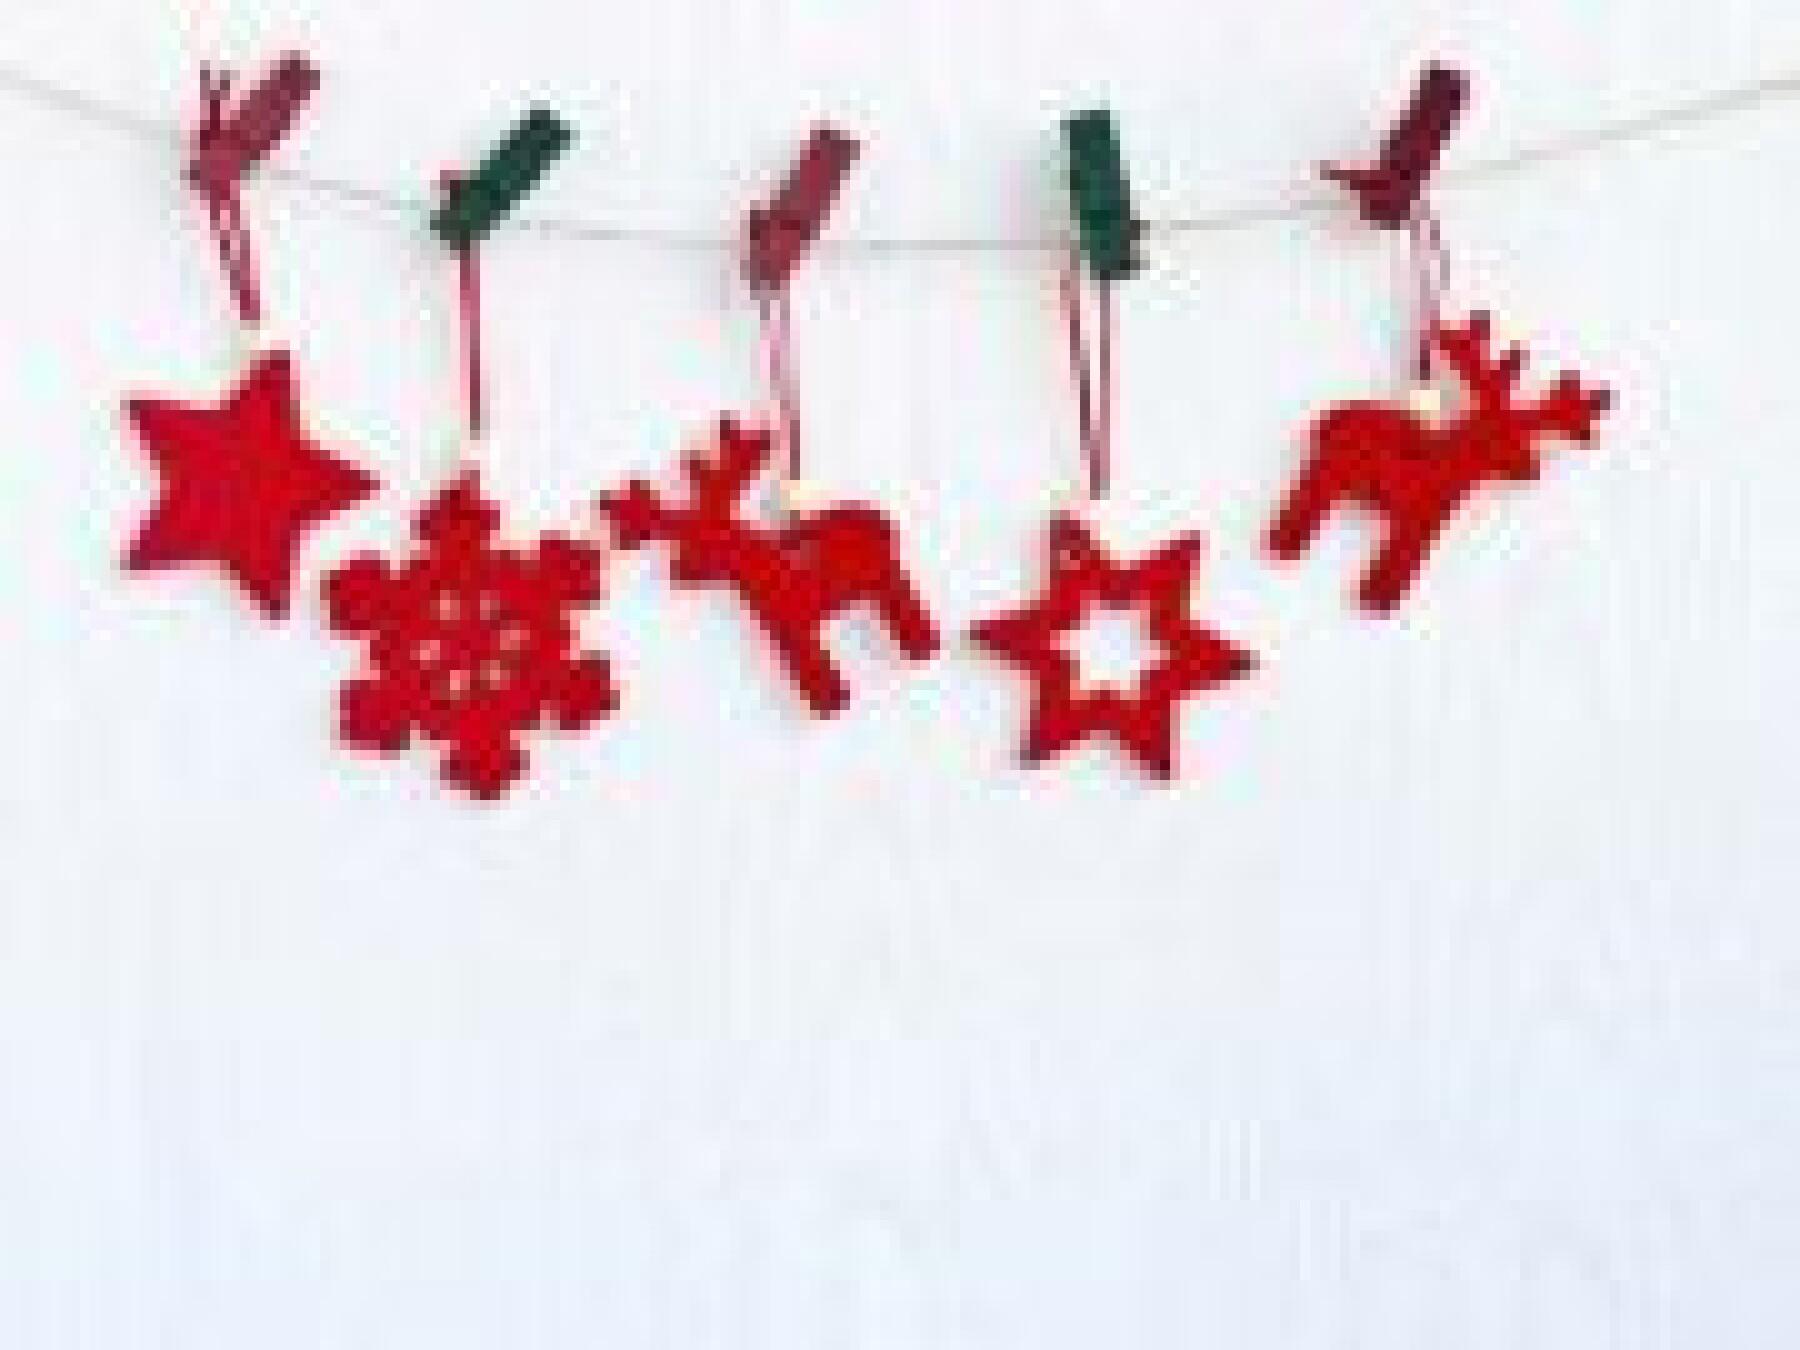 bricolage guirlande de Noël